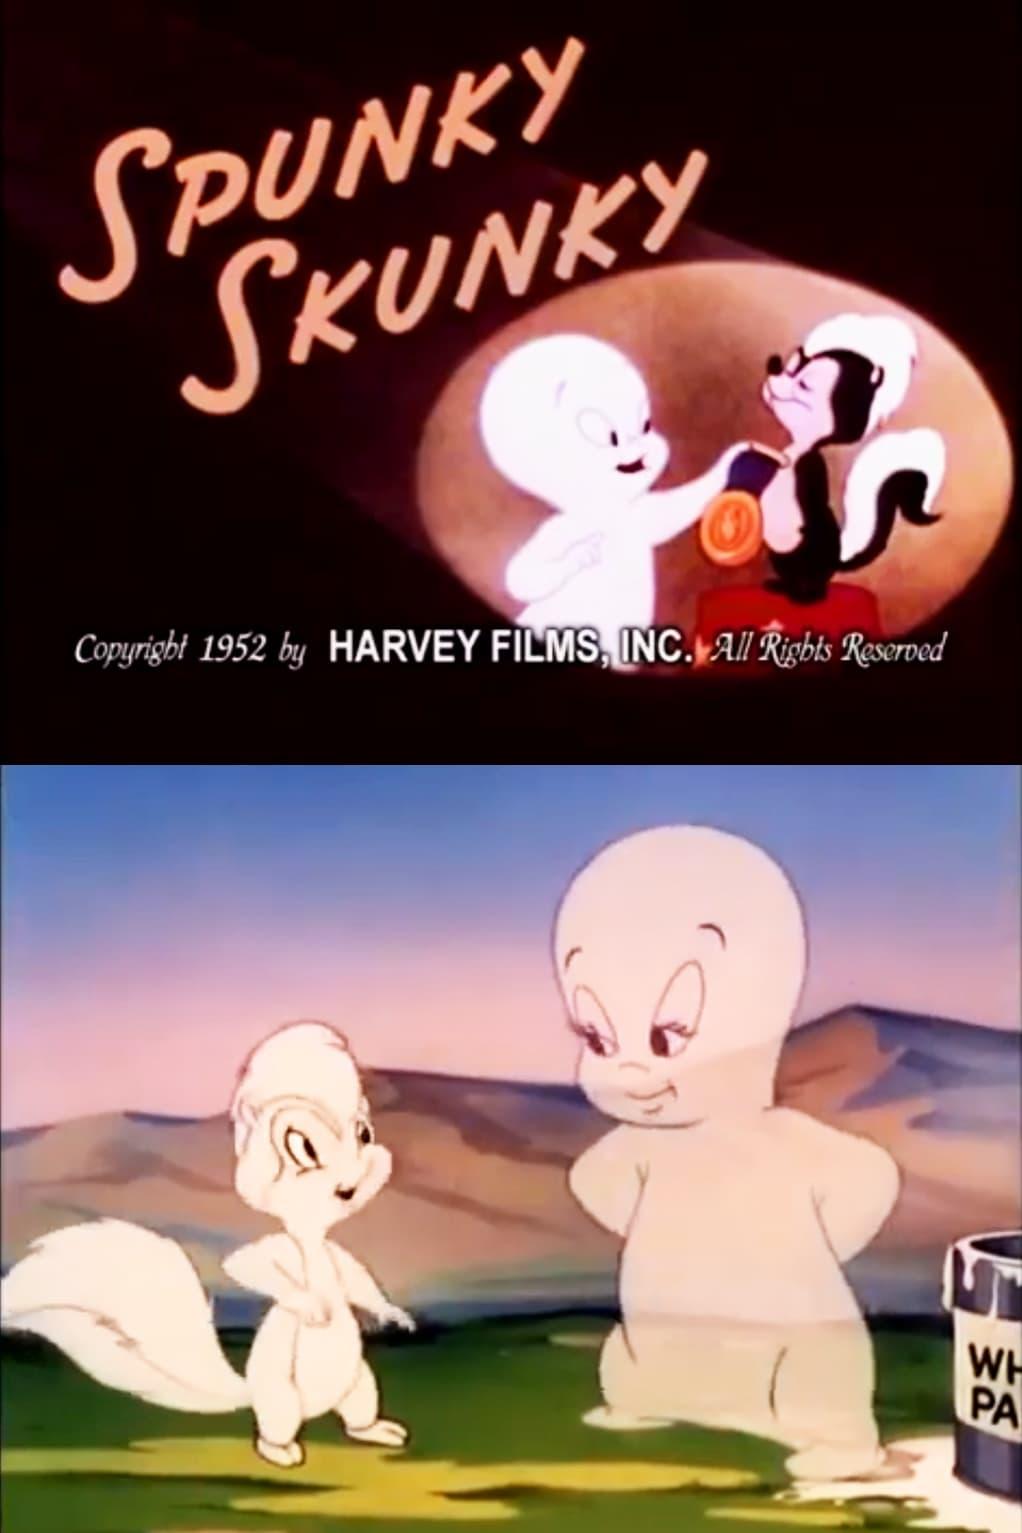 Spunky Skunky